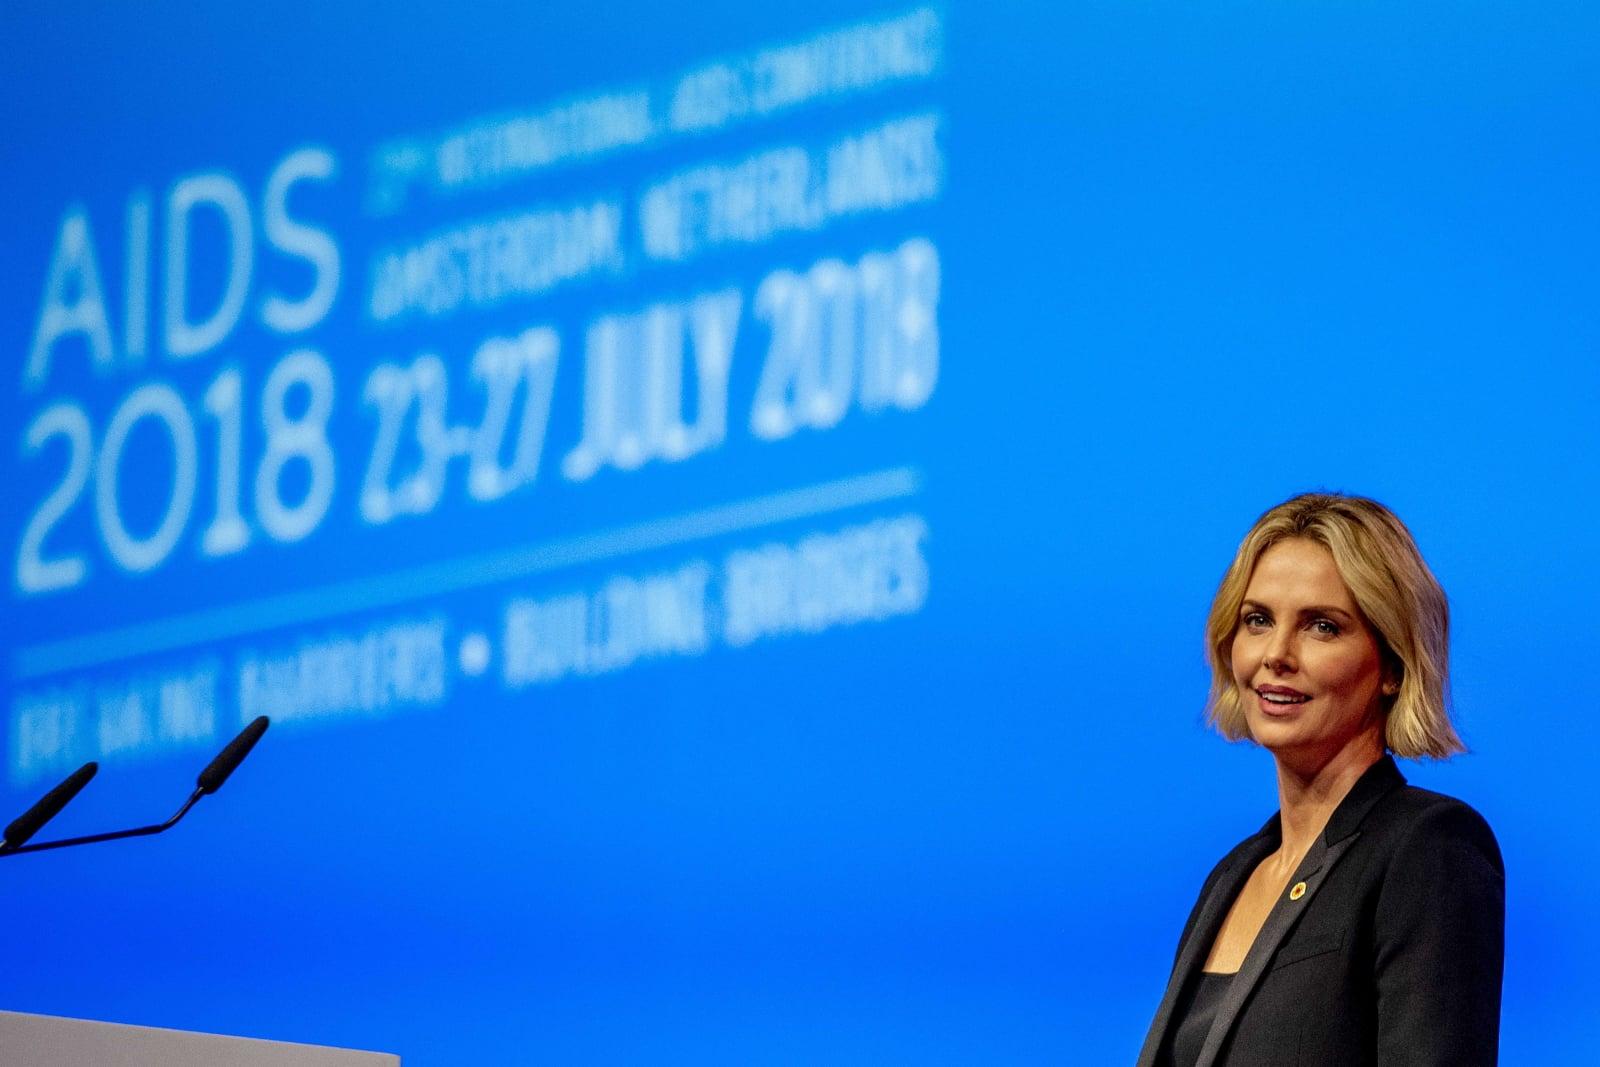 Aktorka Charlize Theron przemawia podczas Międzynarodowej Konferencji o AIDS 2018 w Amsterdamie, Holandia, fot. EPA/ROBIN UTRECHT